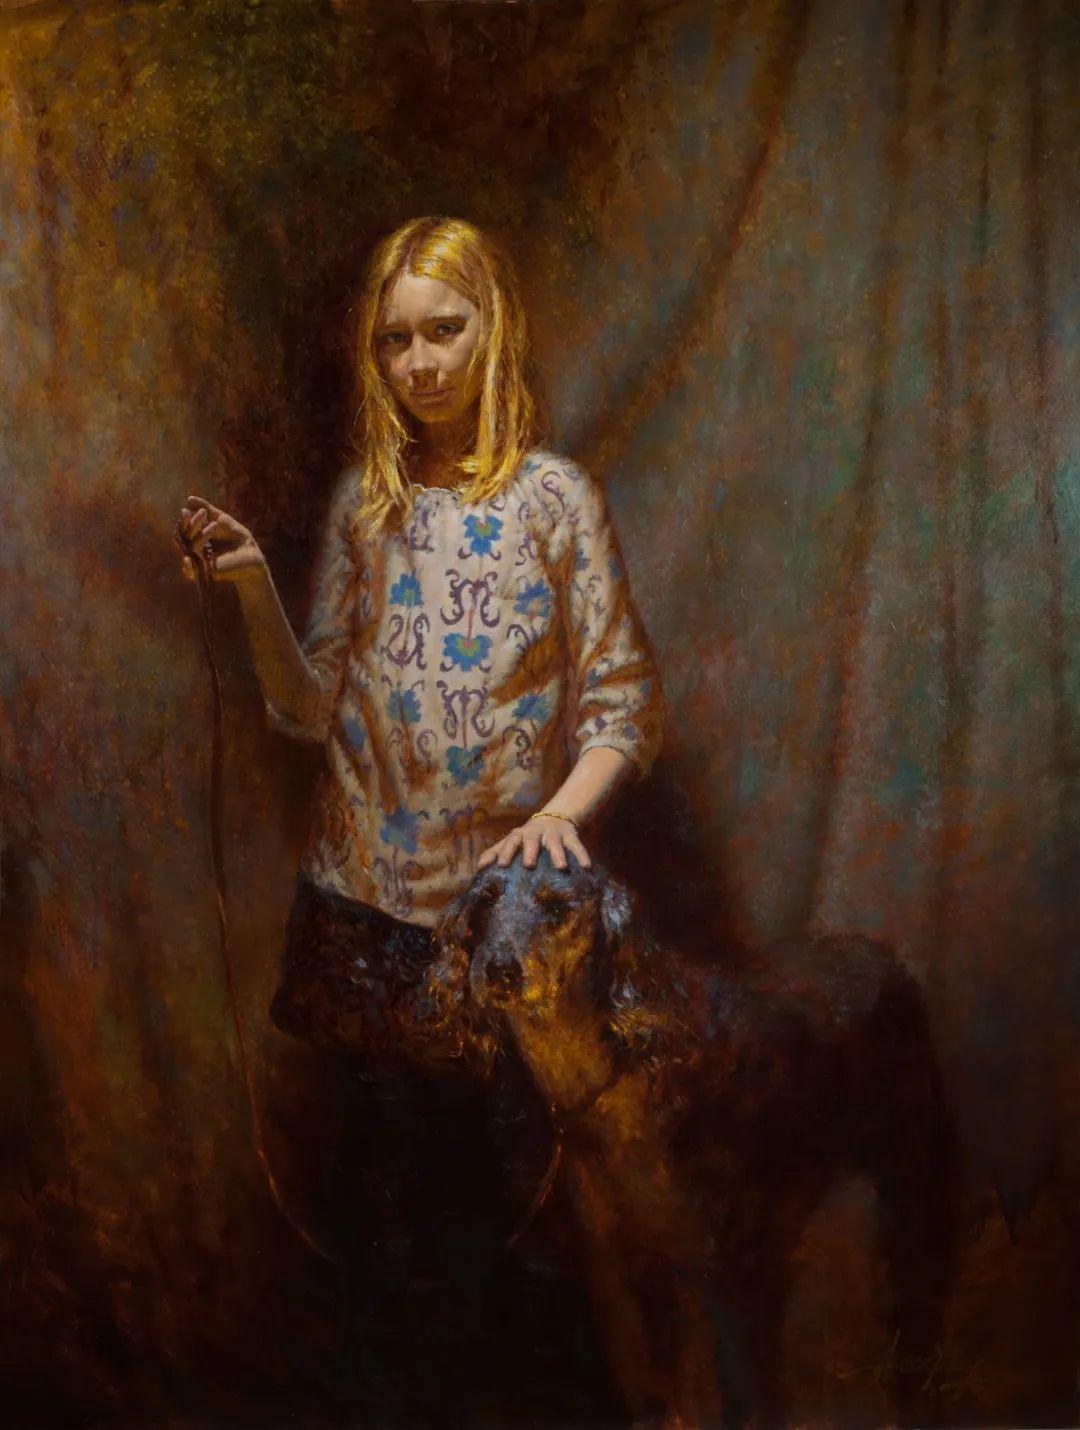 有趣而独特的人物肖像画,美国画家塞思·哈维坎普插图6